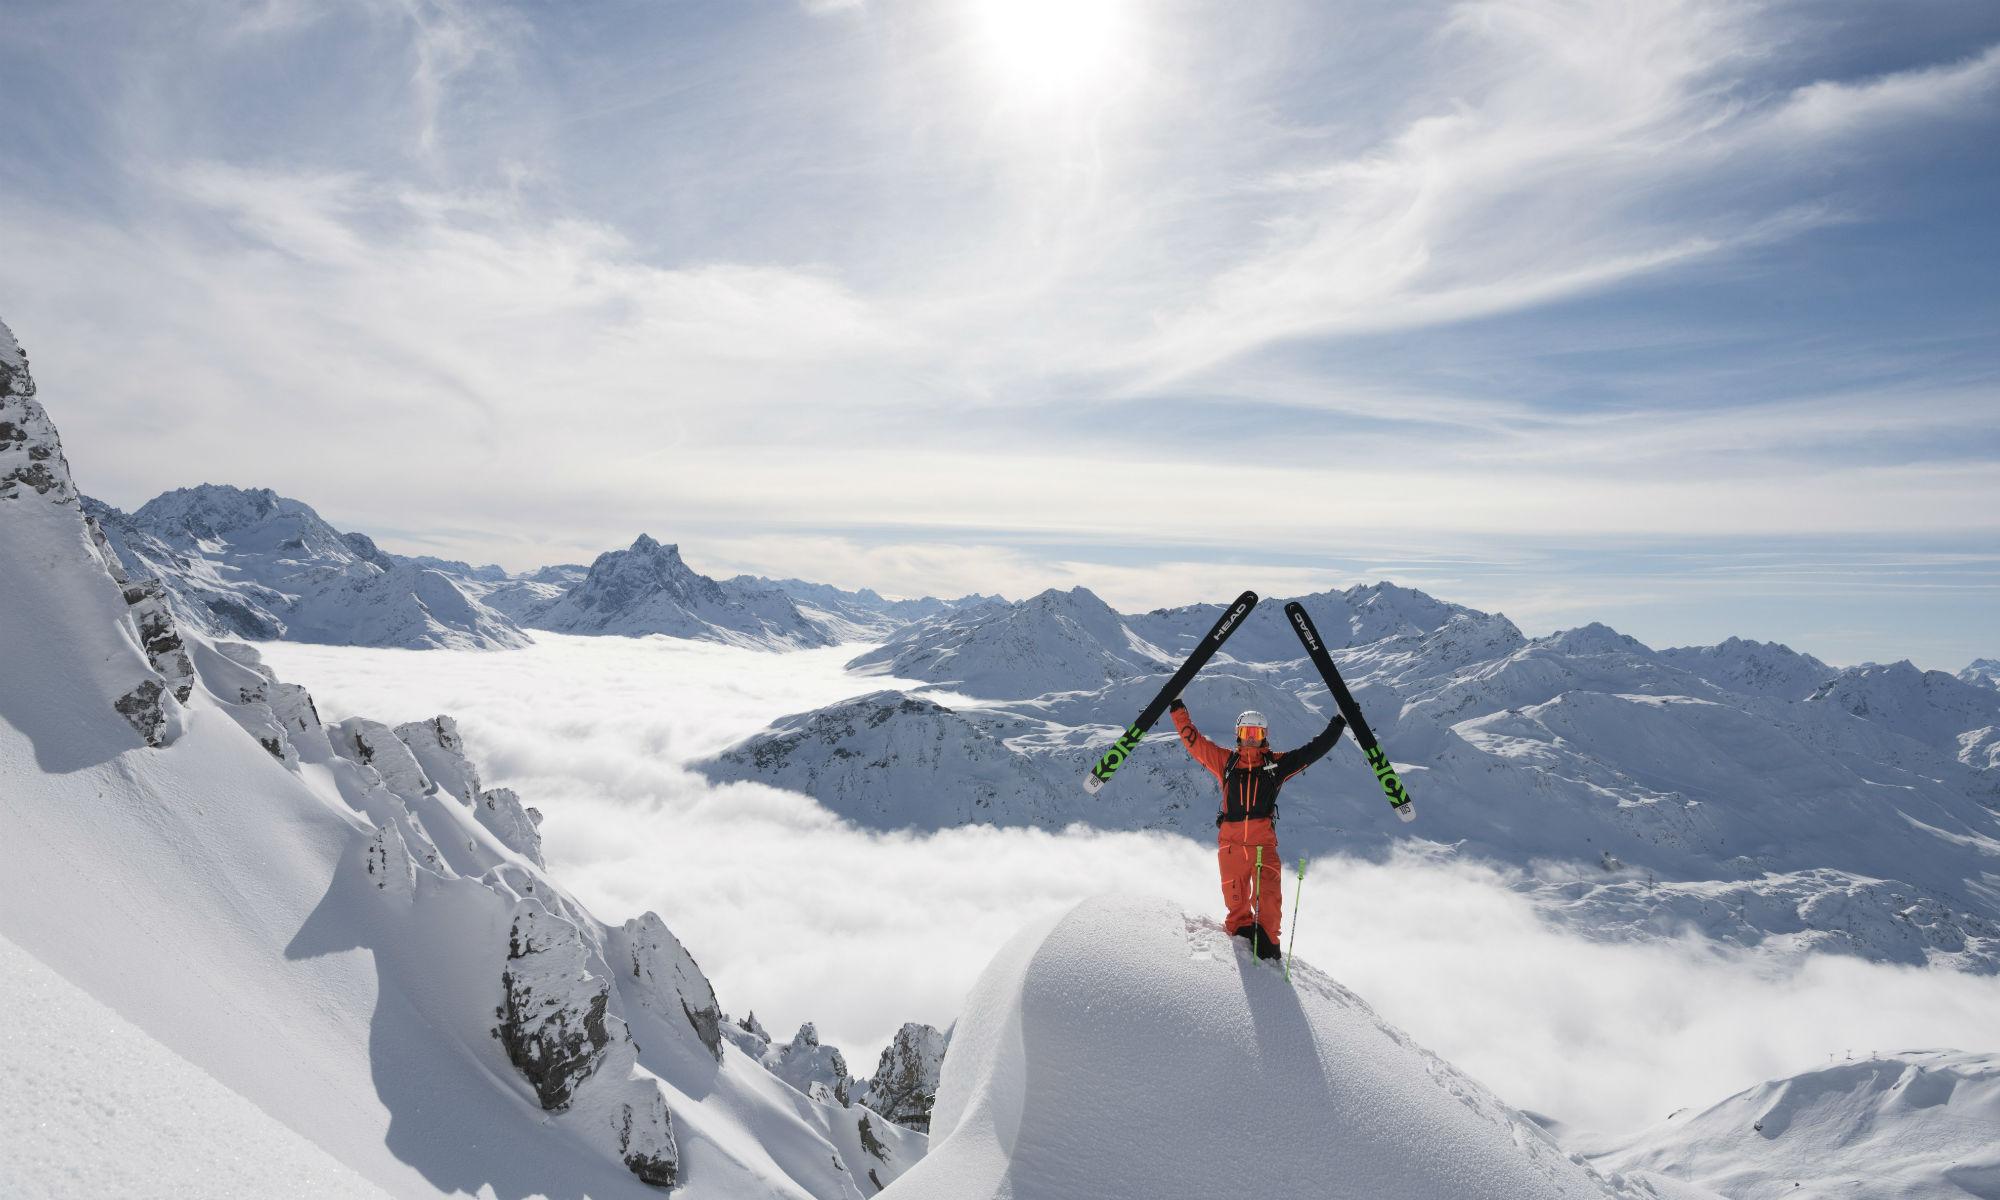 Ein Freerider posiert auf einem Felsvorsprung vor einer verschneiten Bergkulisse am Arlberg.